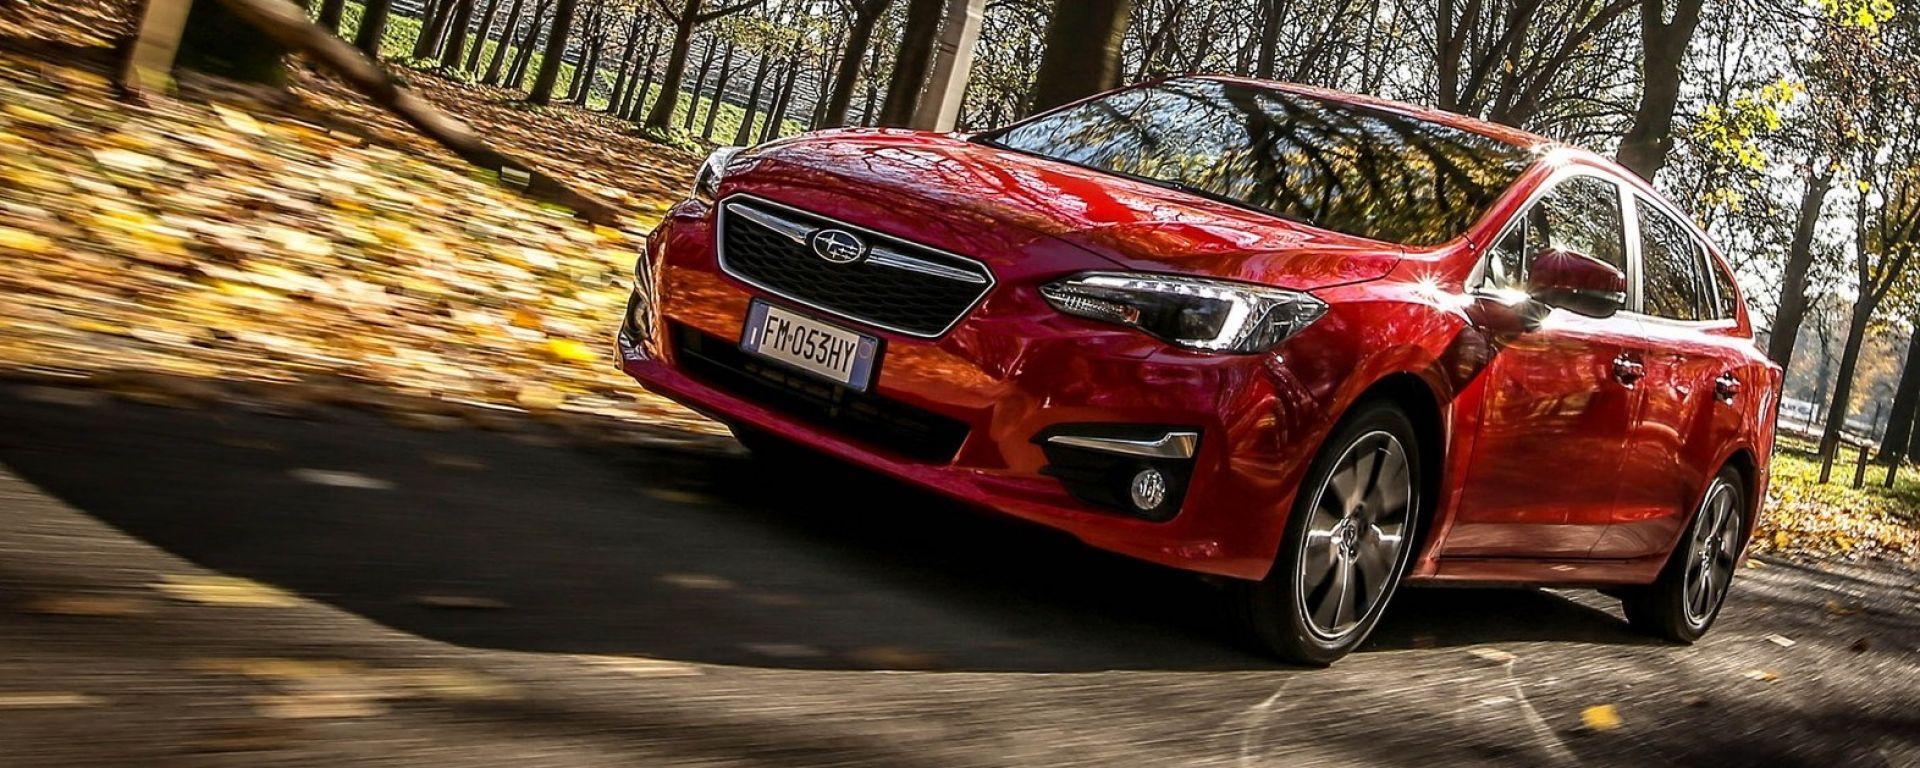 Nuova Subaru Impreza: a volte ritornano... diverse [VIDEO]